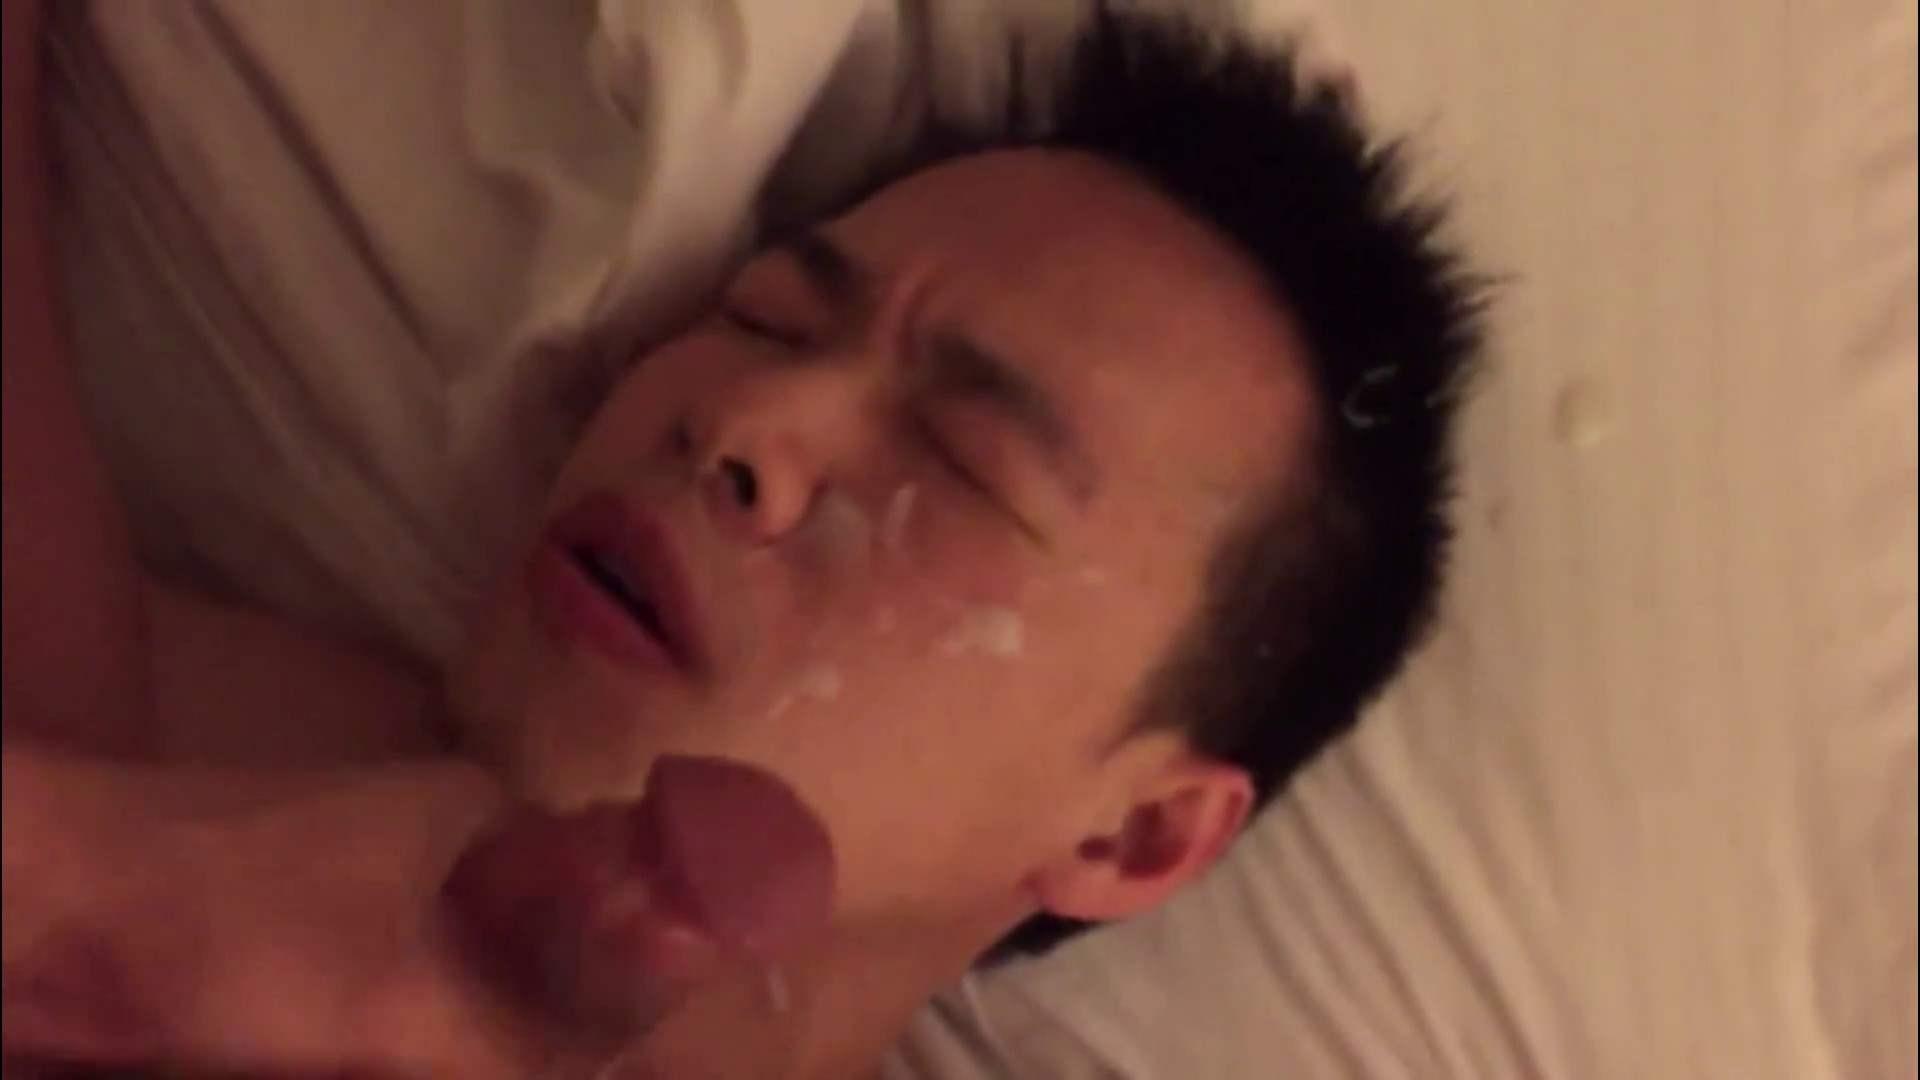 エロいフェラシーンをピックアップvol43 エロすぎる映像 ゲイ無修正画像 54画像 26